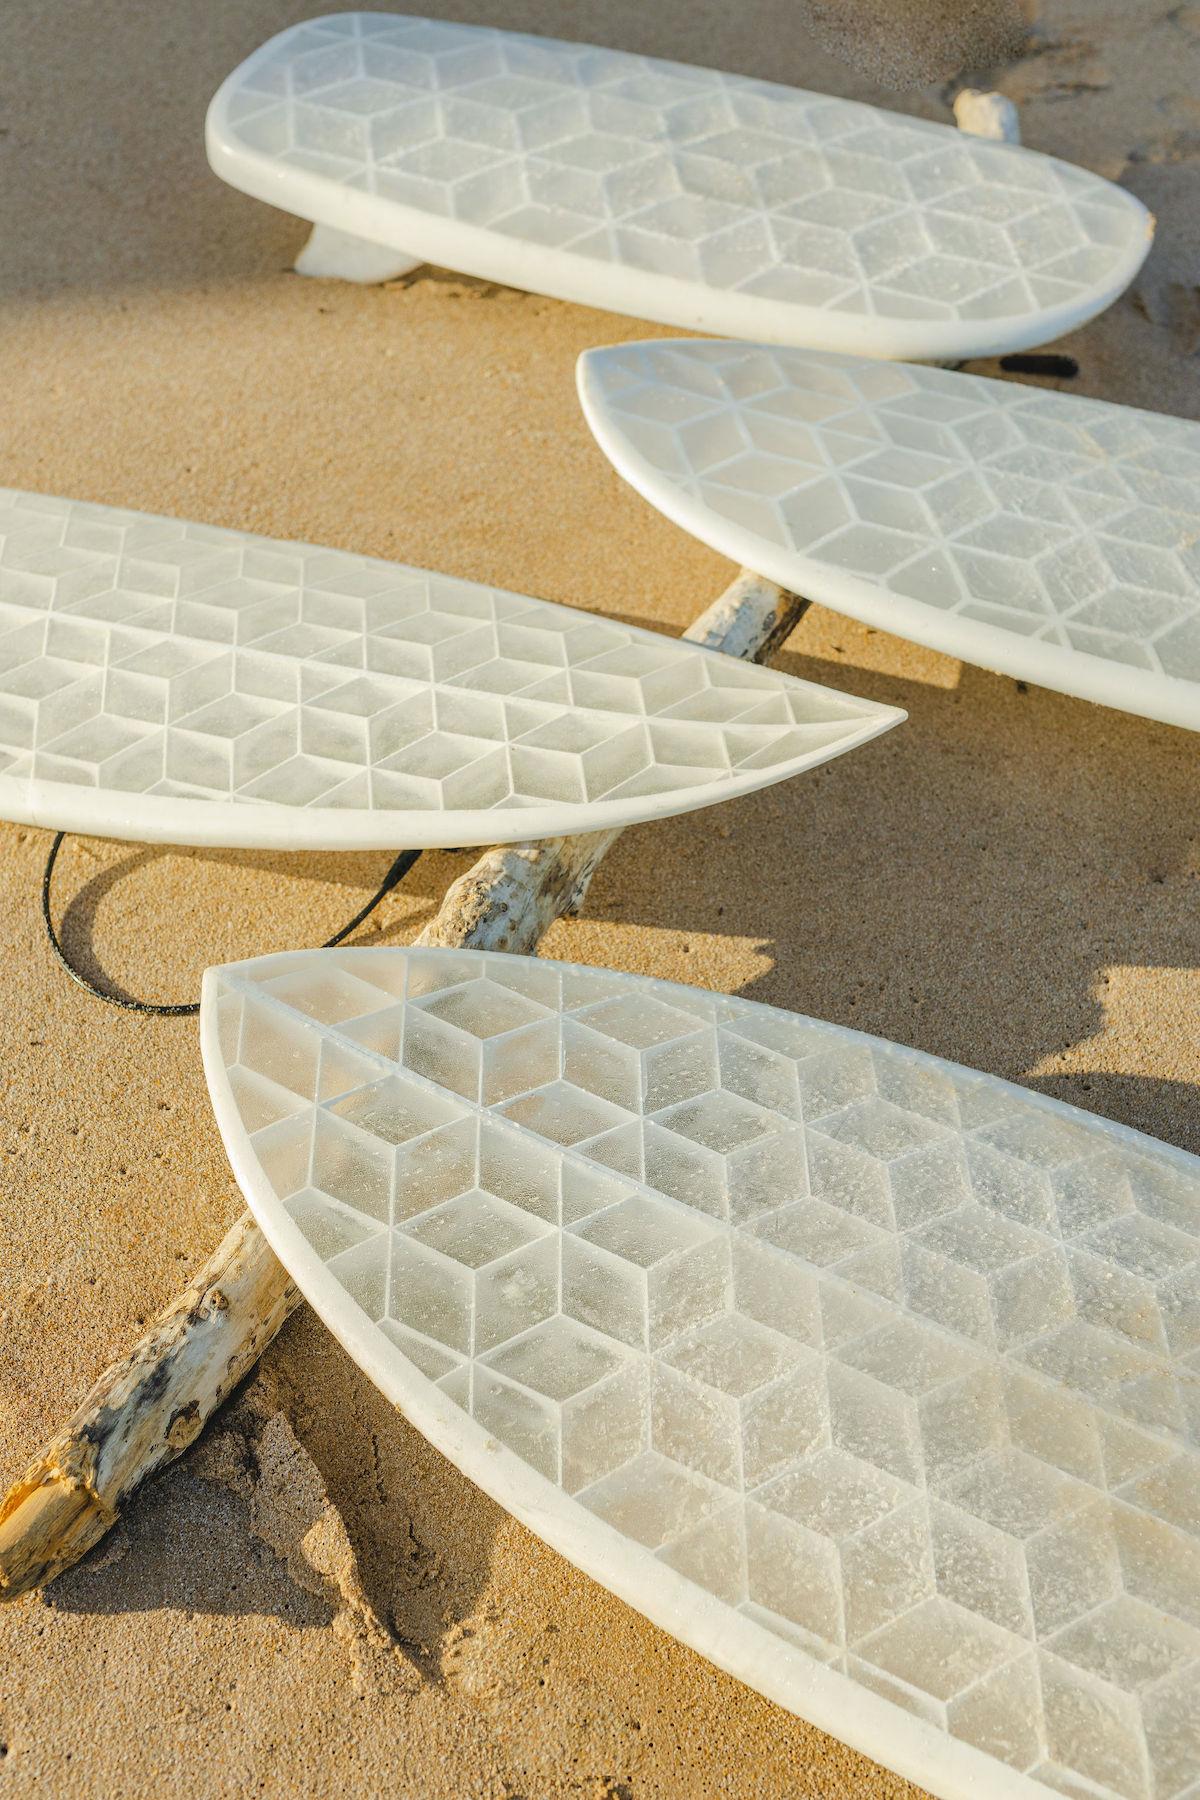 On vous invite à repousser les limites de la technique en direct d'un atelier d'éco-conception pour révolutionner le surf. En direct d'une micro-usine, venez découvrir comment des ingénieurs passionnés sont parvenus à réutiliser des bio-plastiques, du carton et de la fibre de verre pour réaliser des planches interstellaires.